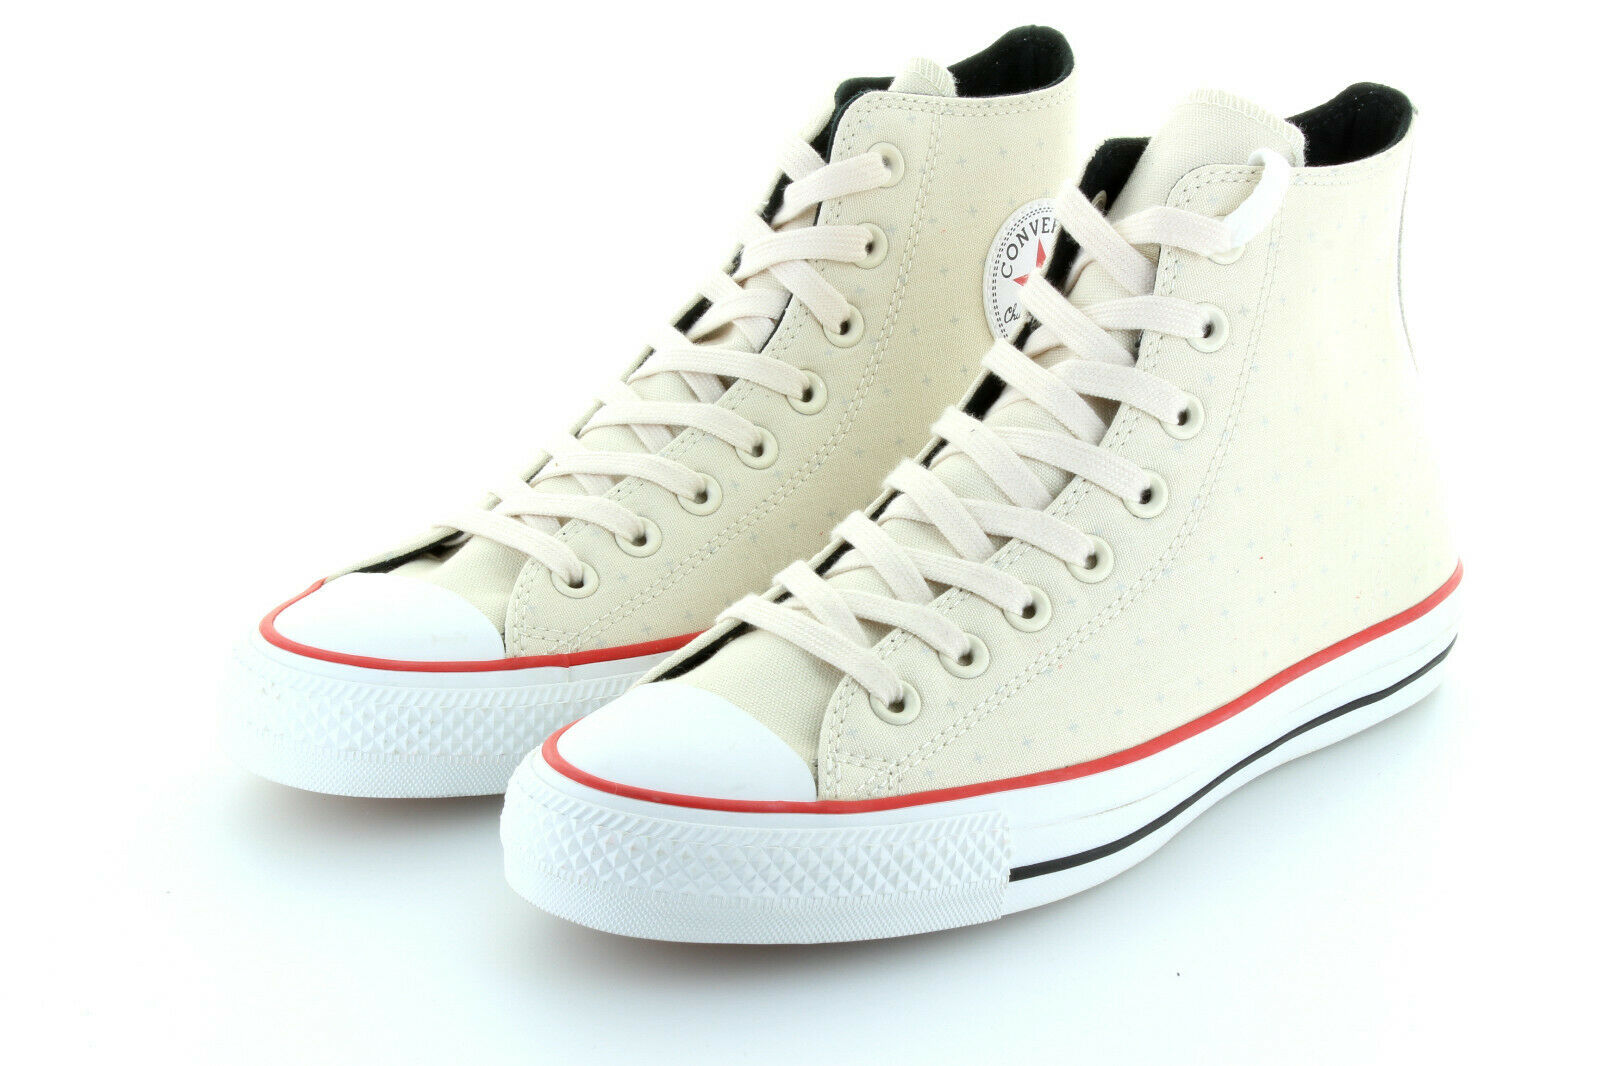 Converse Cons Chuck Taylor As Pro Hi Beige ParchHommest rouge noir 42,5 43,5 US 9